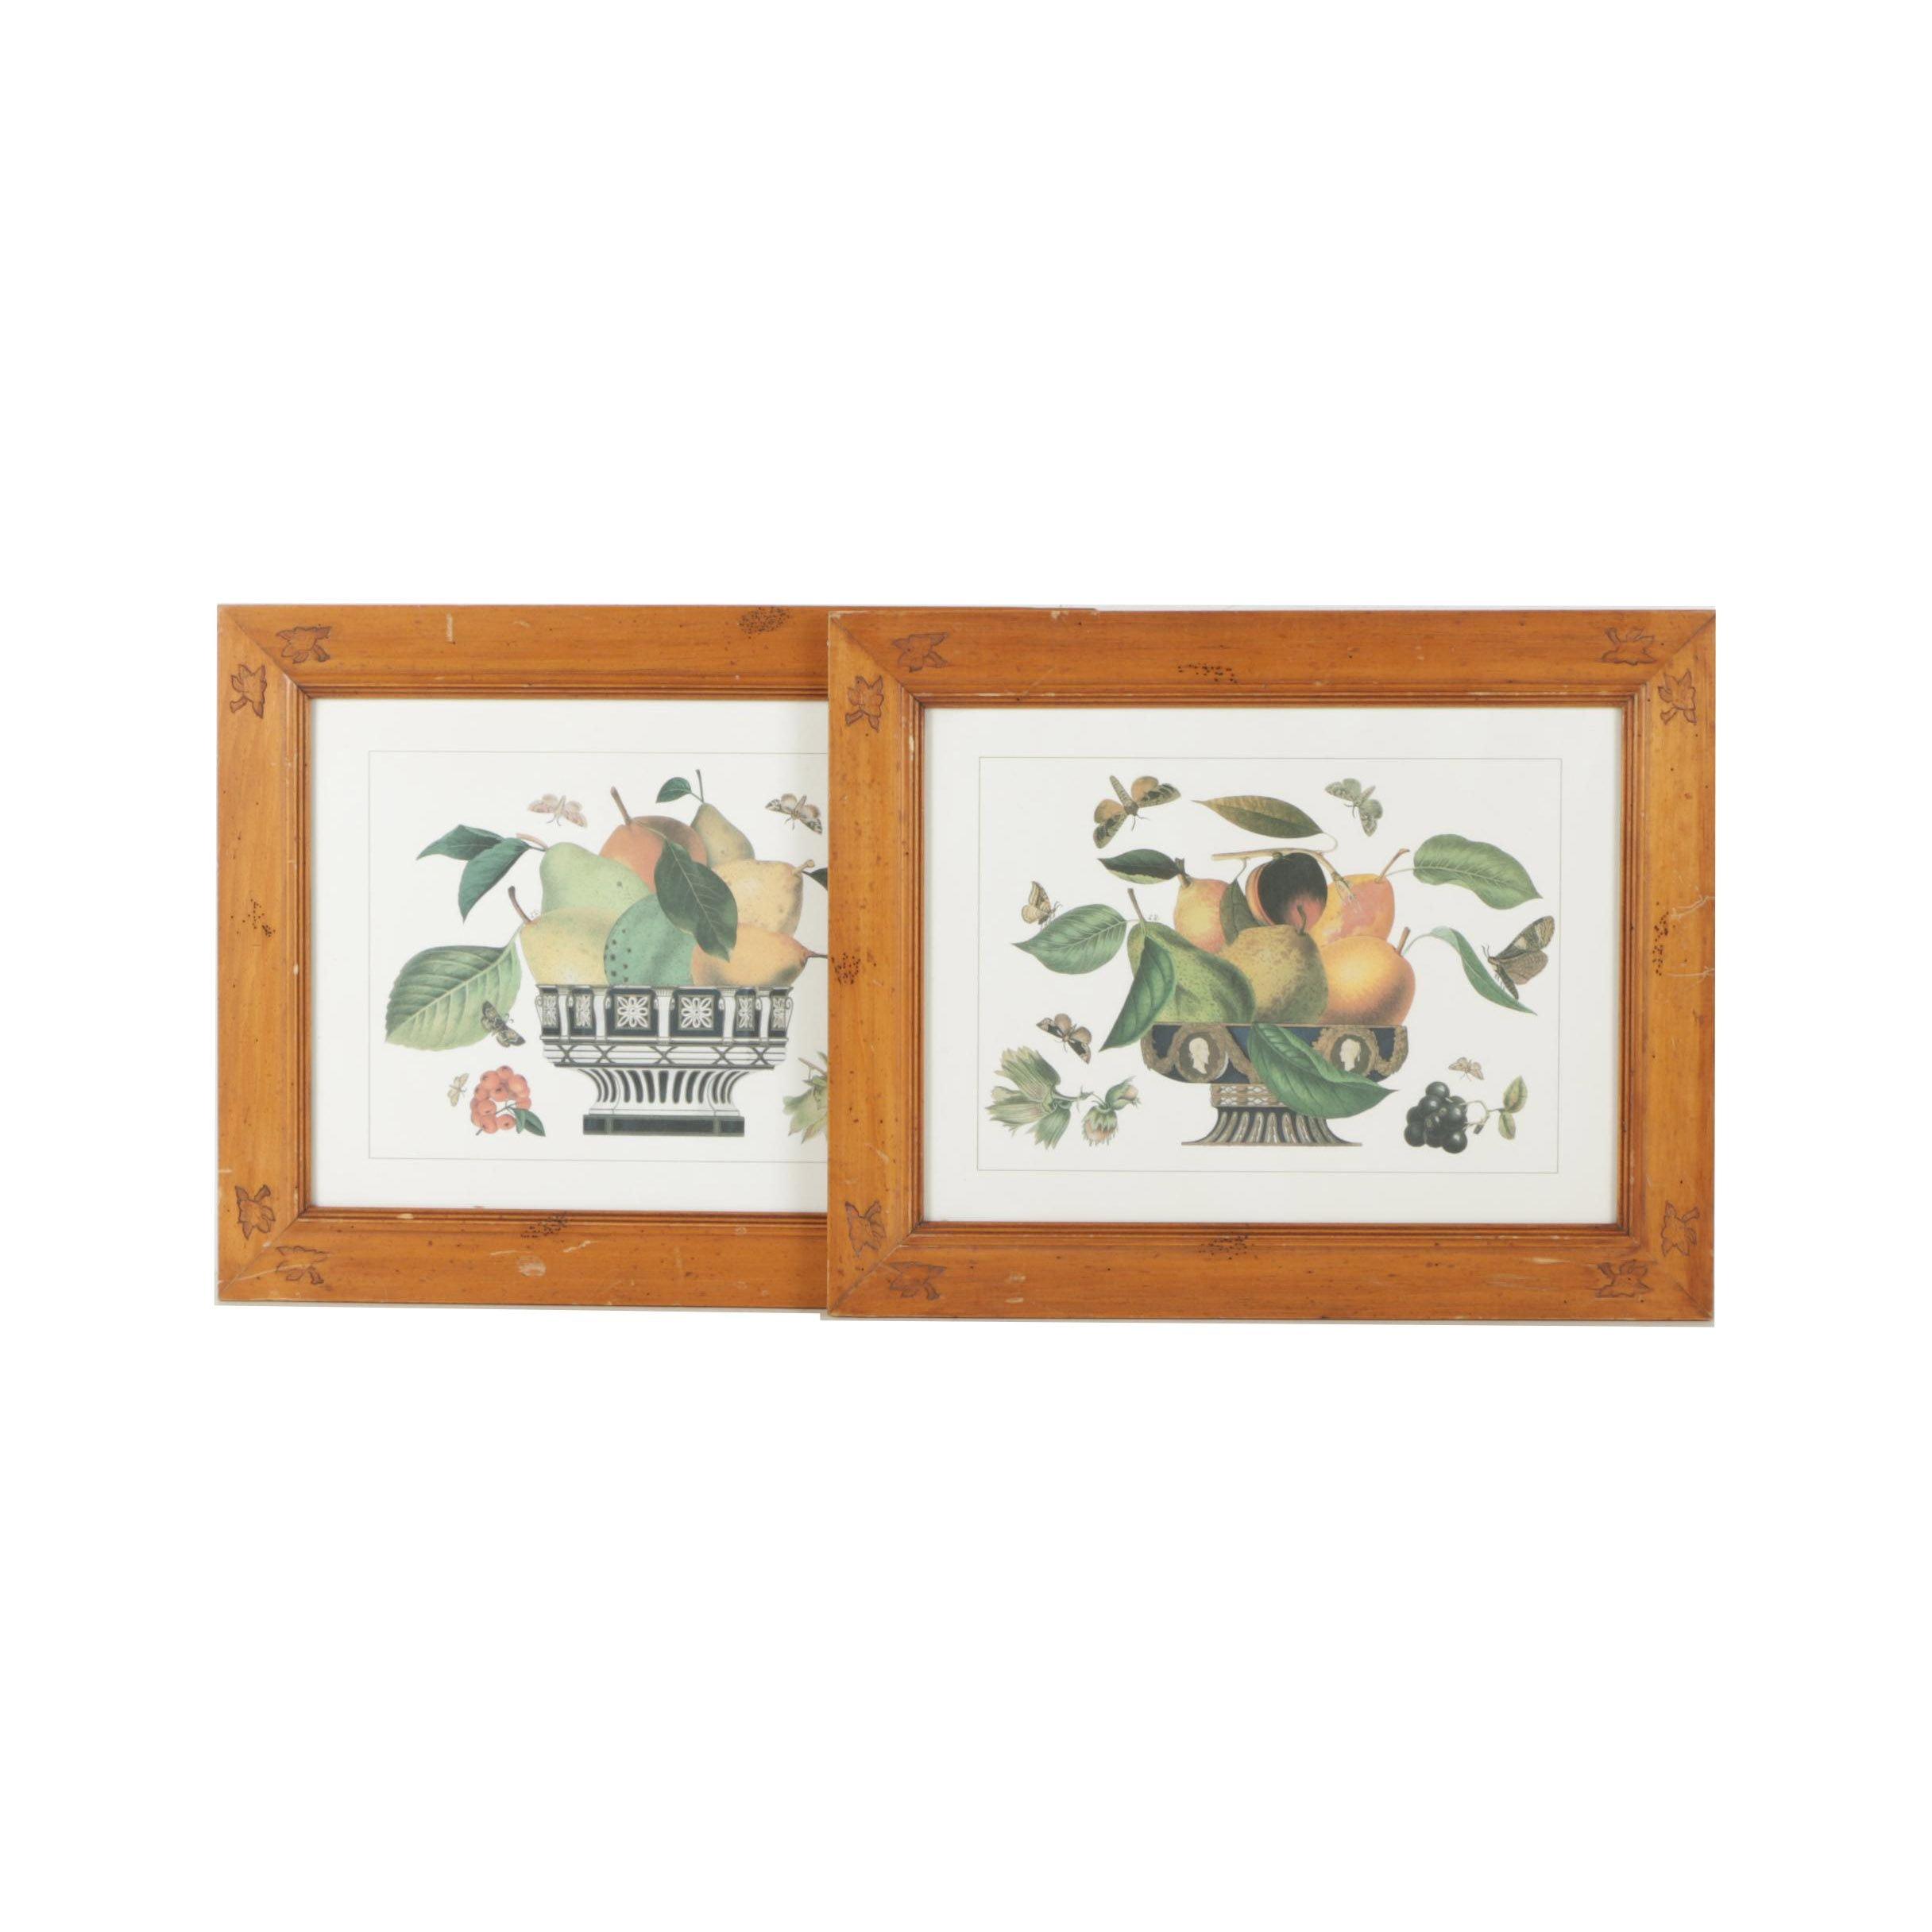 Decorative Offset Lithograph Prints of Fruit Bowls